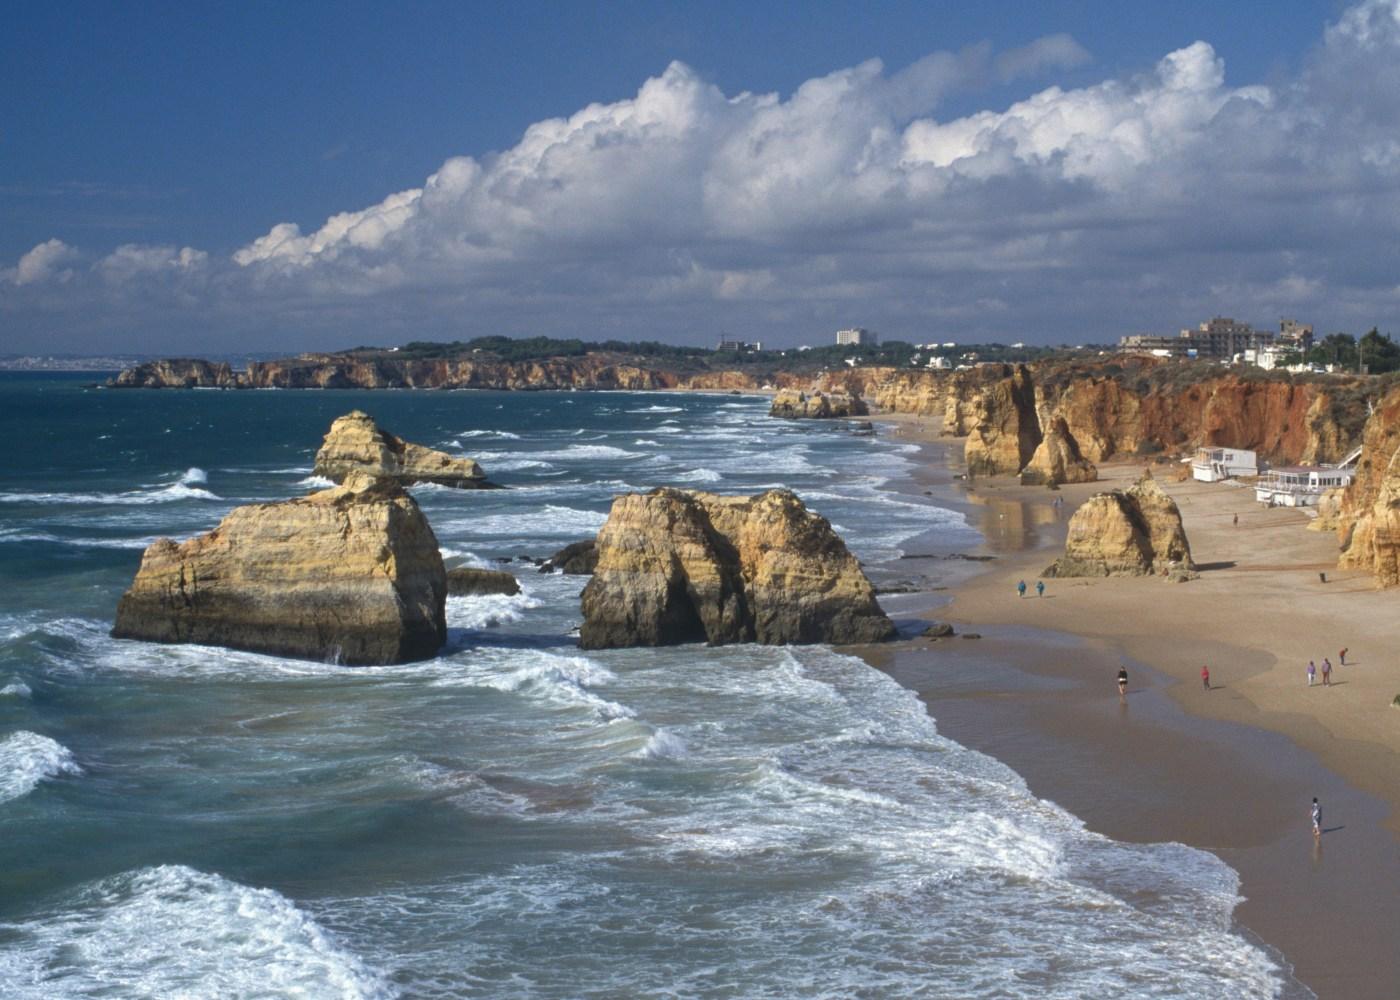 vista sobre praia com rochedos